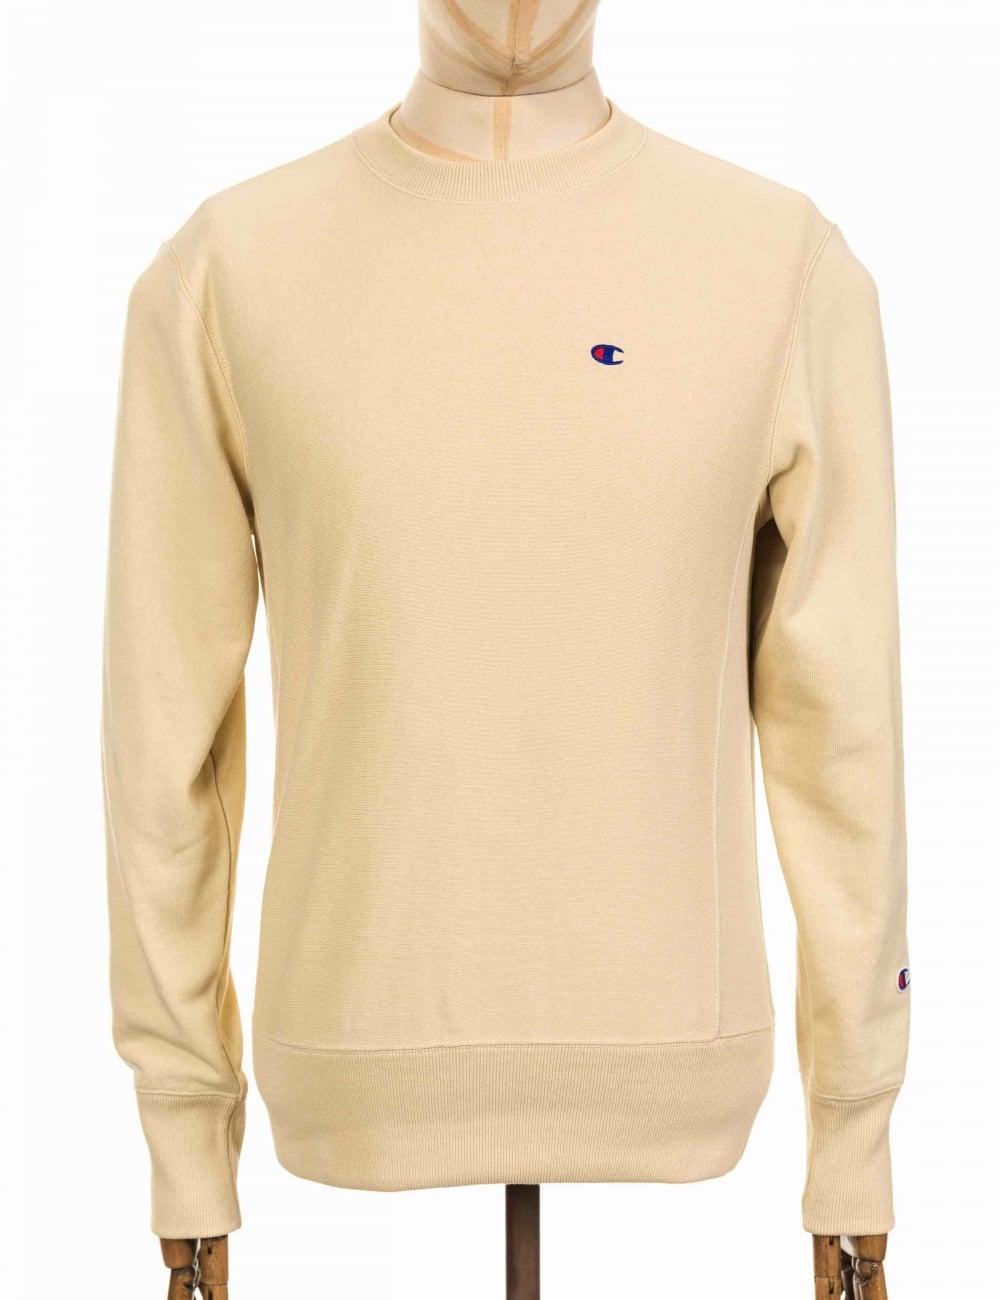 de0fdcbc7378 Champion Reverse Weave Crewneck Sweatshirt - PLK Sand - Clothing ...